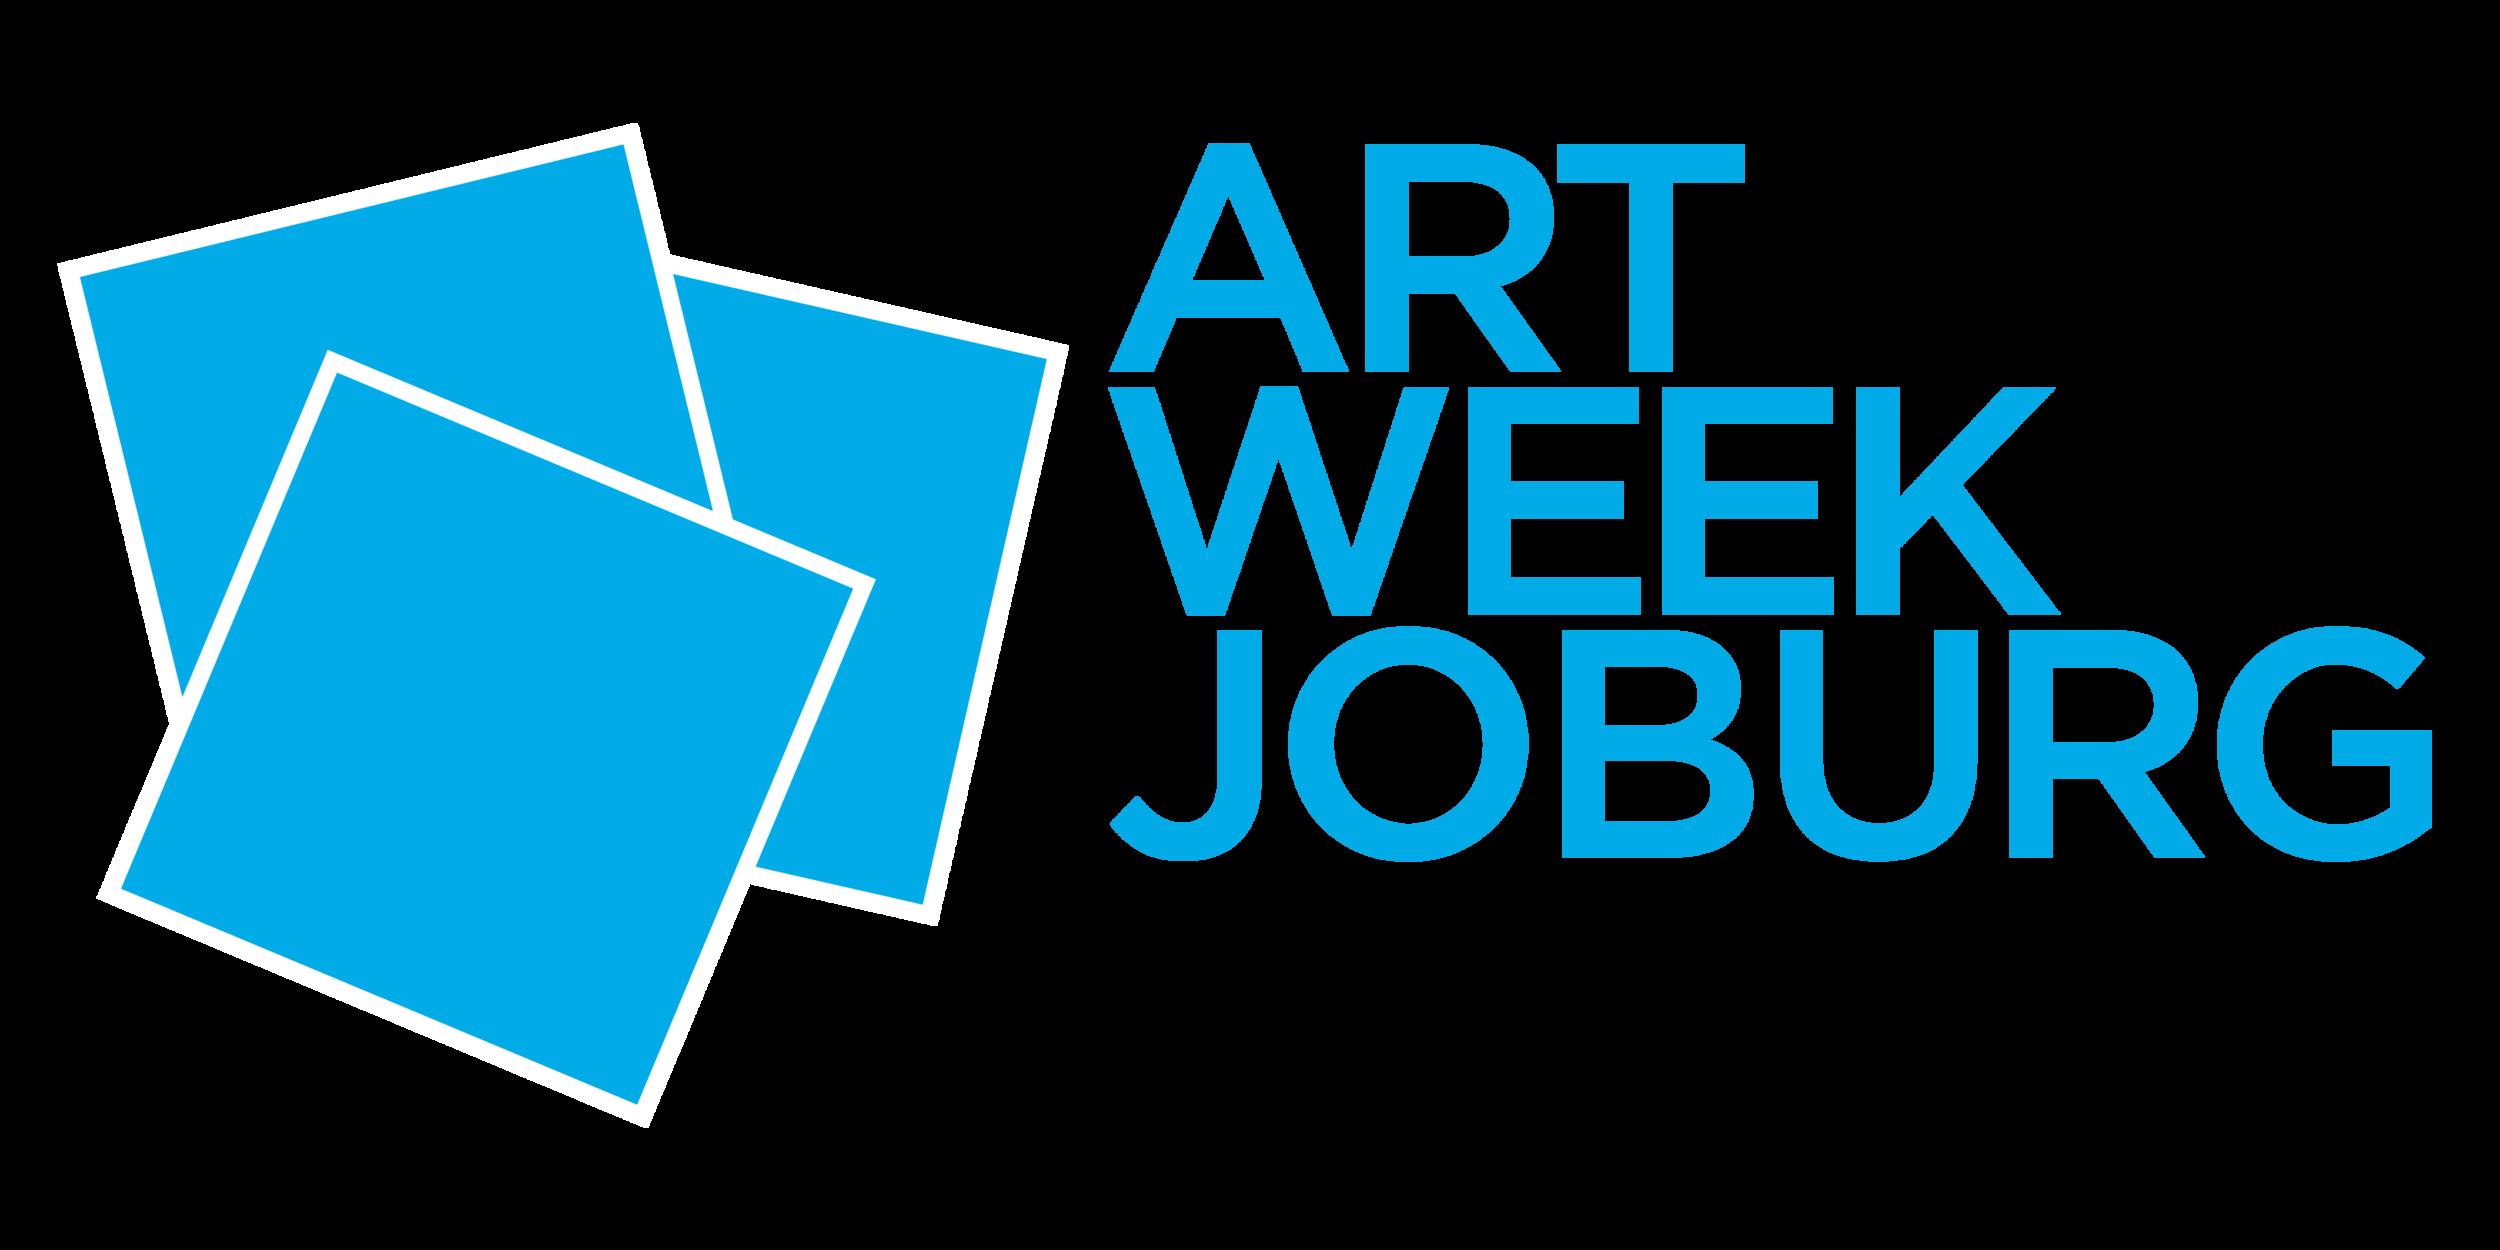 ART WEEK JOBURG.png